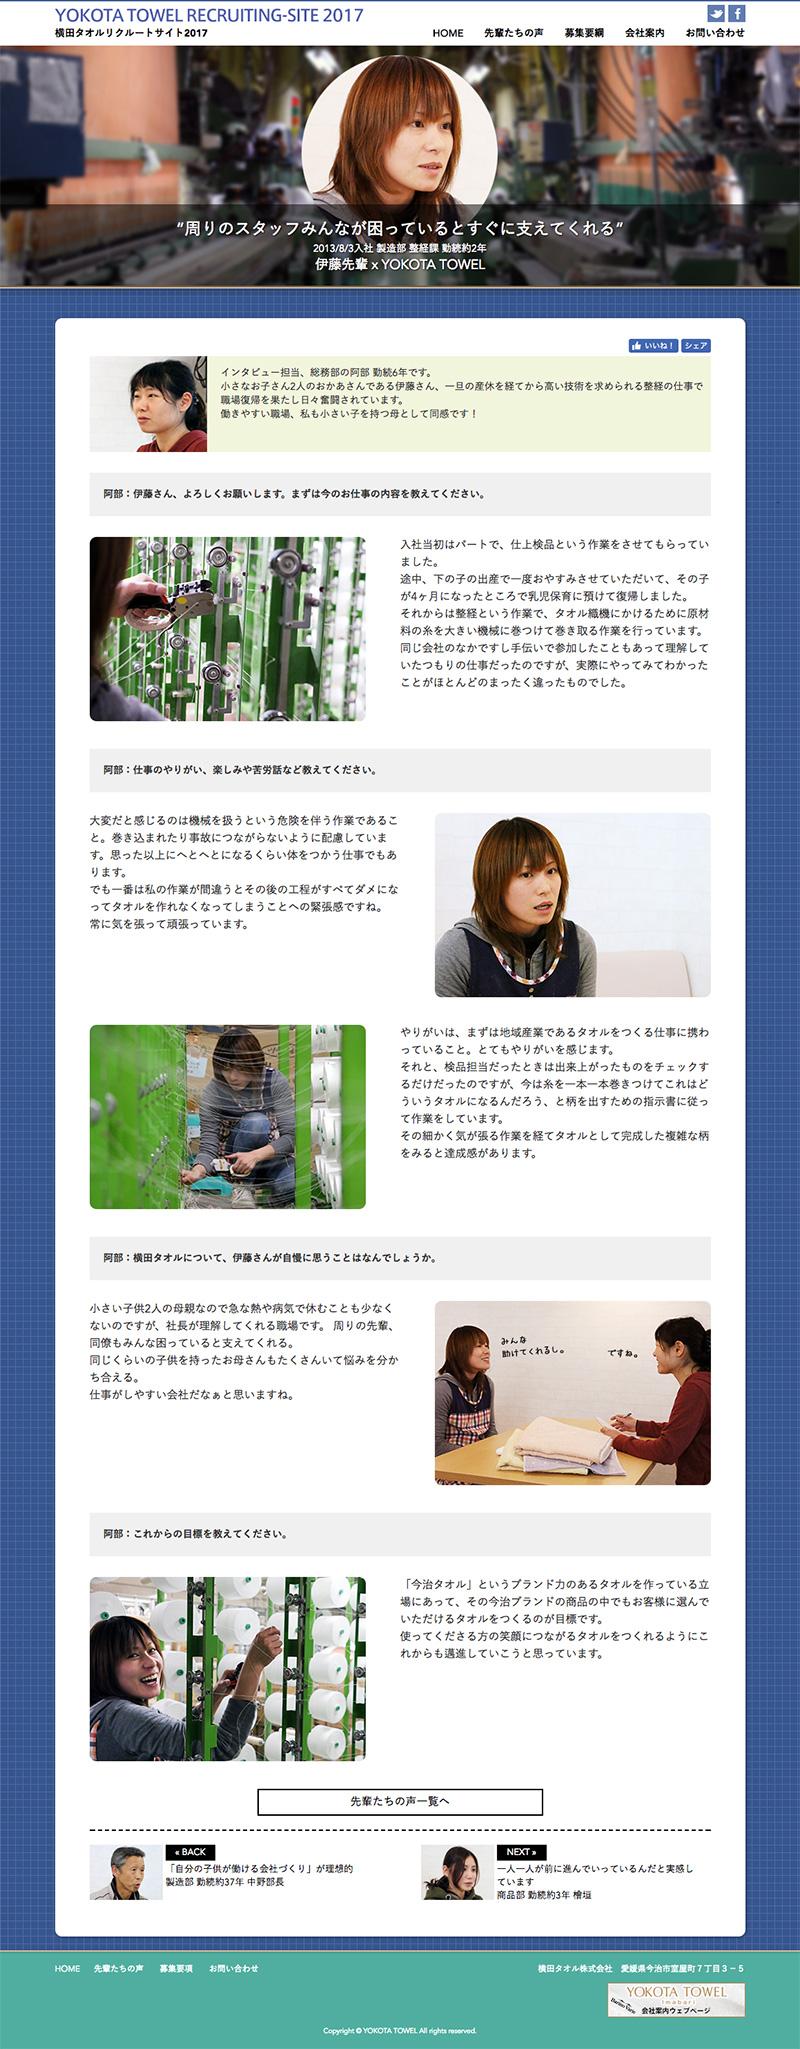 横田タオル リクルートサイト